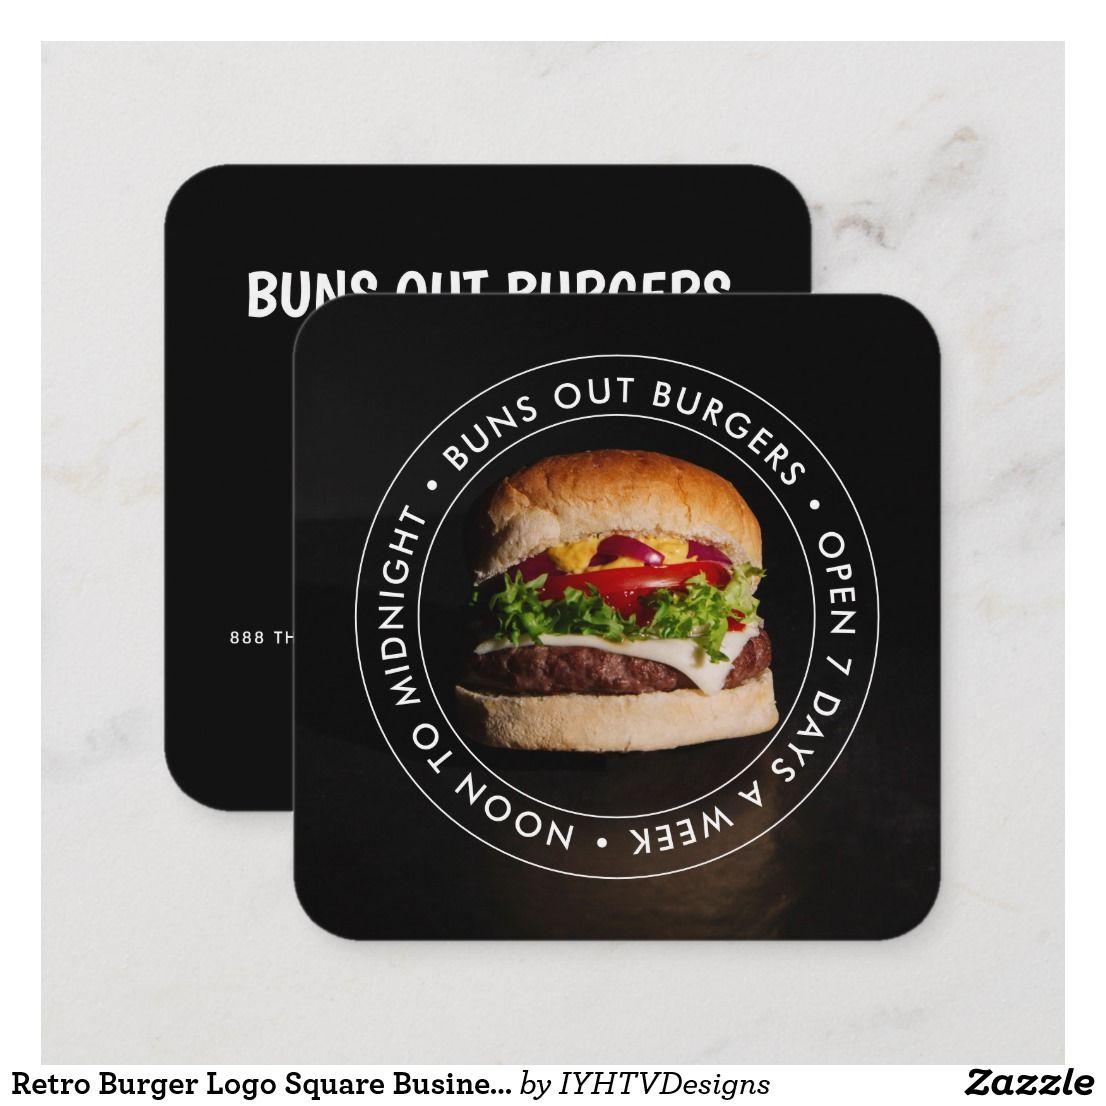 retro burger logo square business card